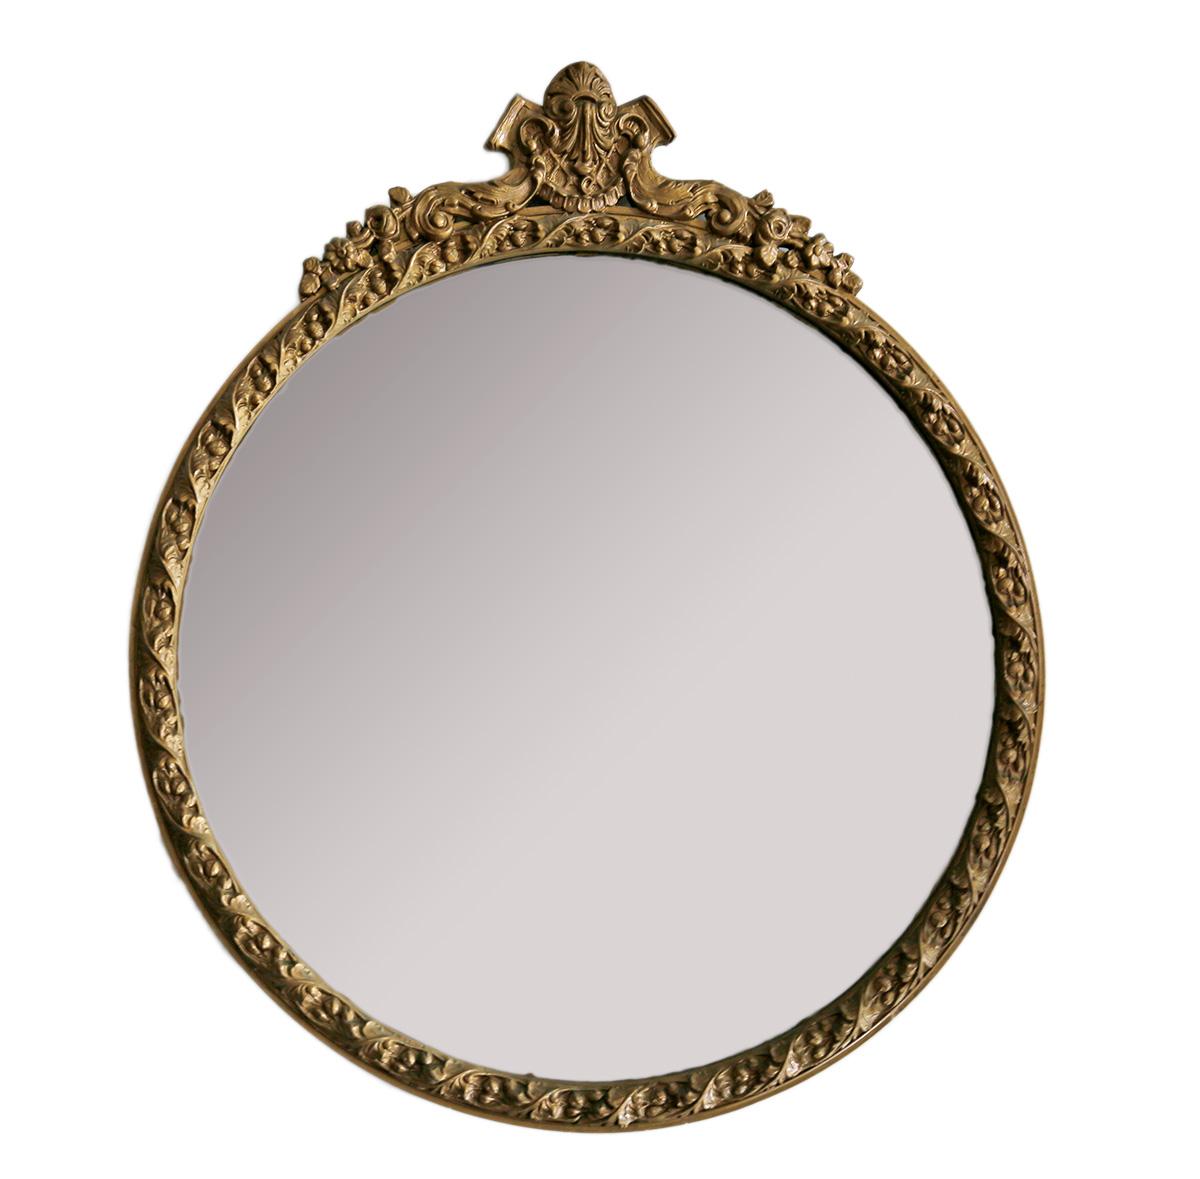 Vintage Round Gold Mirror | Chairish